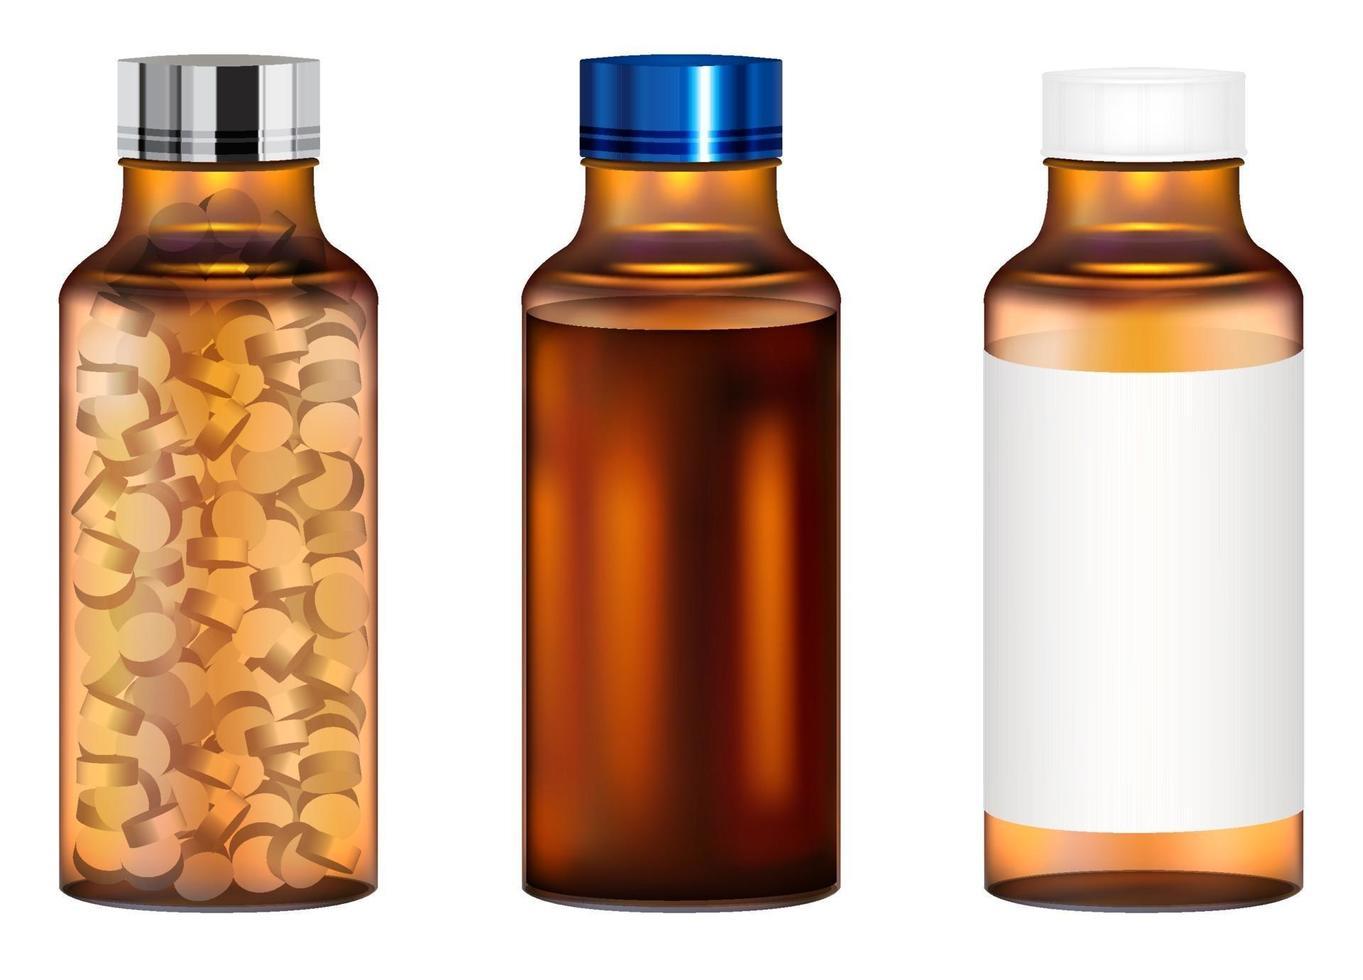 véritable bouteille de pilules de médecine en verre ambré vecteur